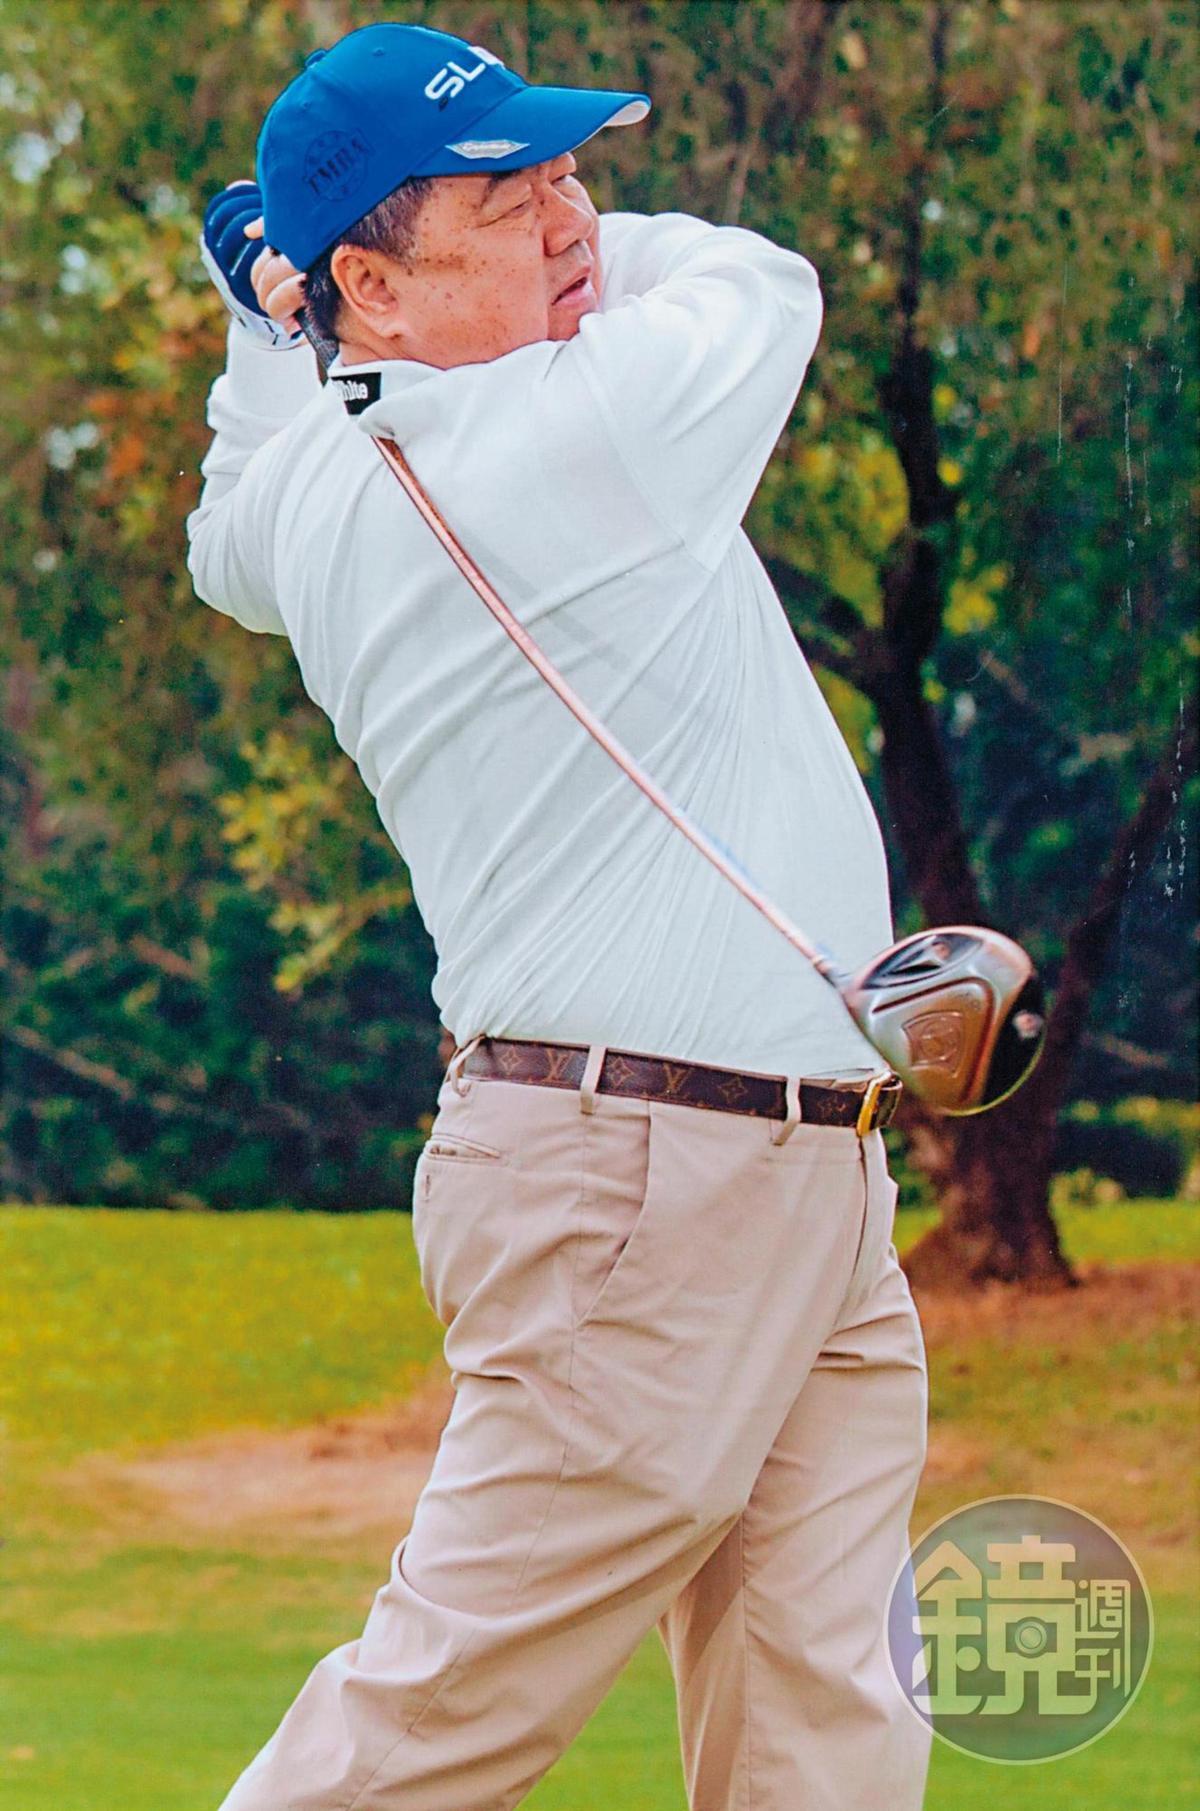 除了旅遊,放假時許順富還喜歡打高爾夫球,公司也推出高爾夫主題旅遊。(許順富提供)